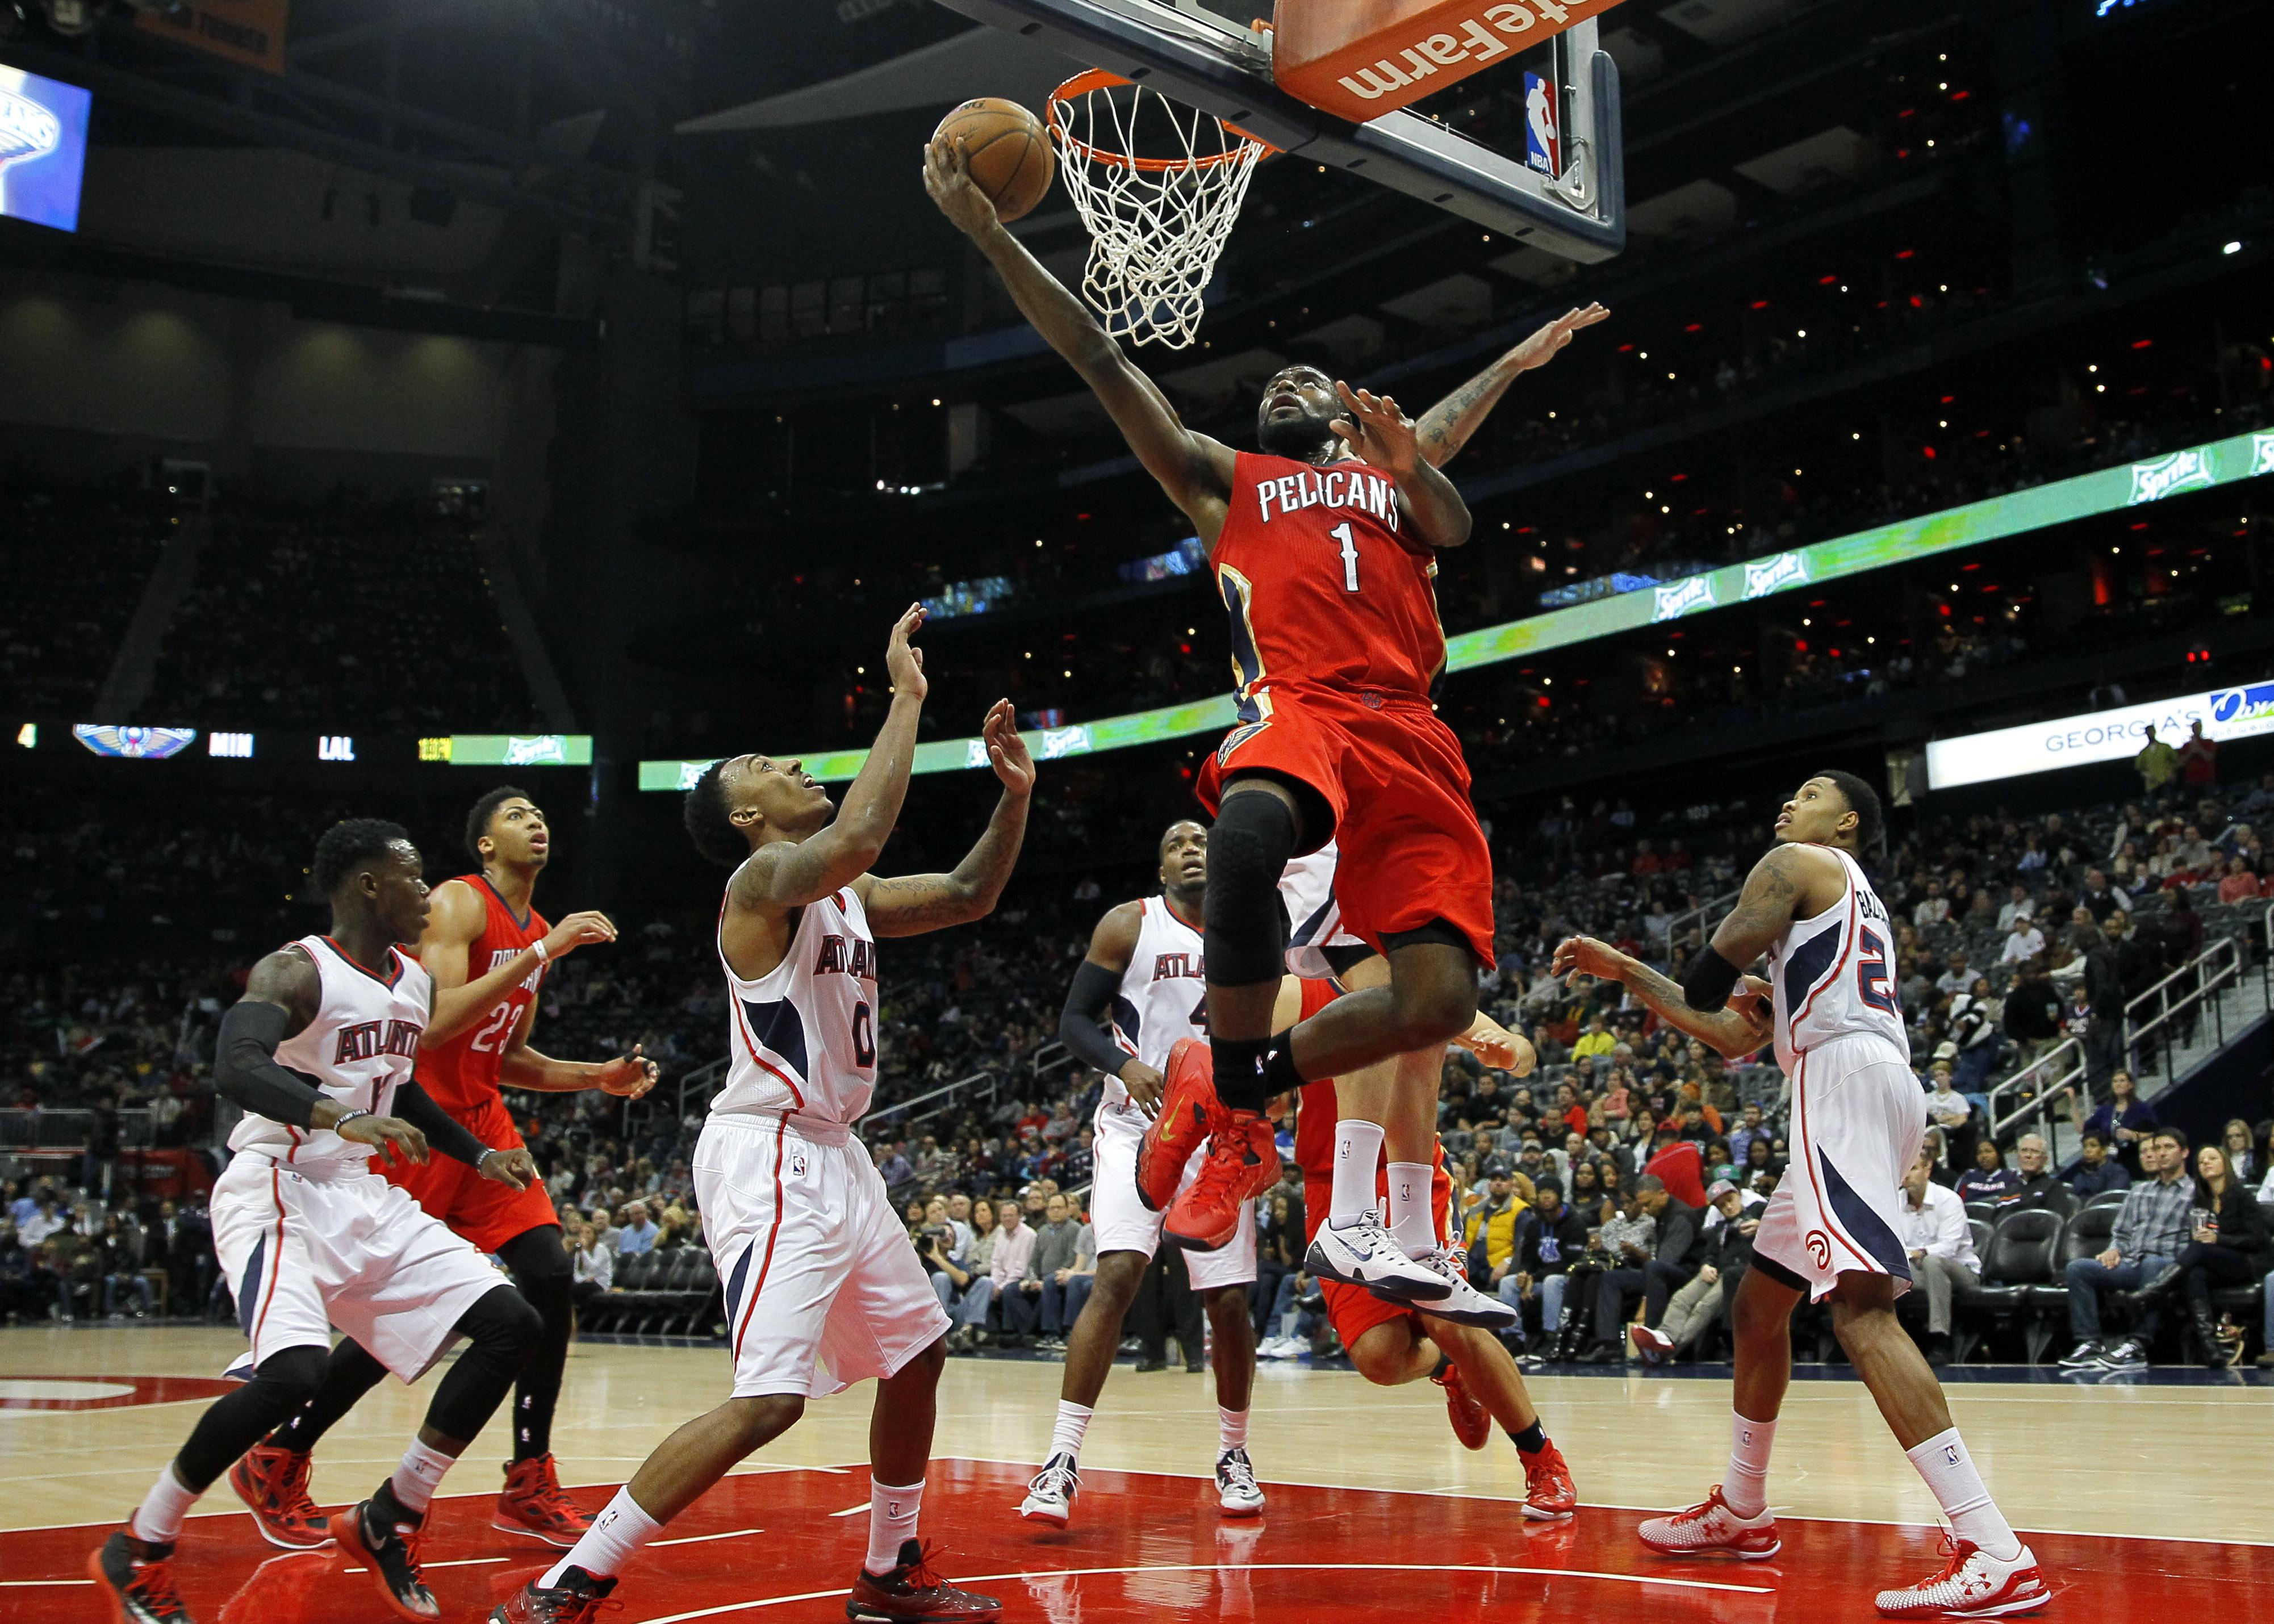 красивые картинки баскетбол прическа